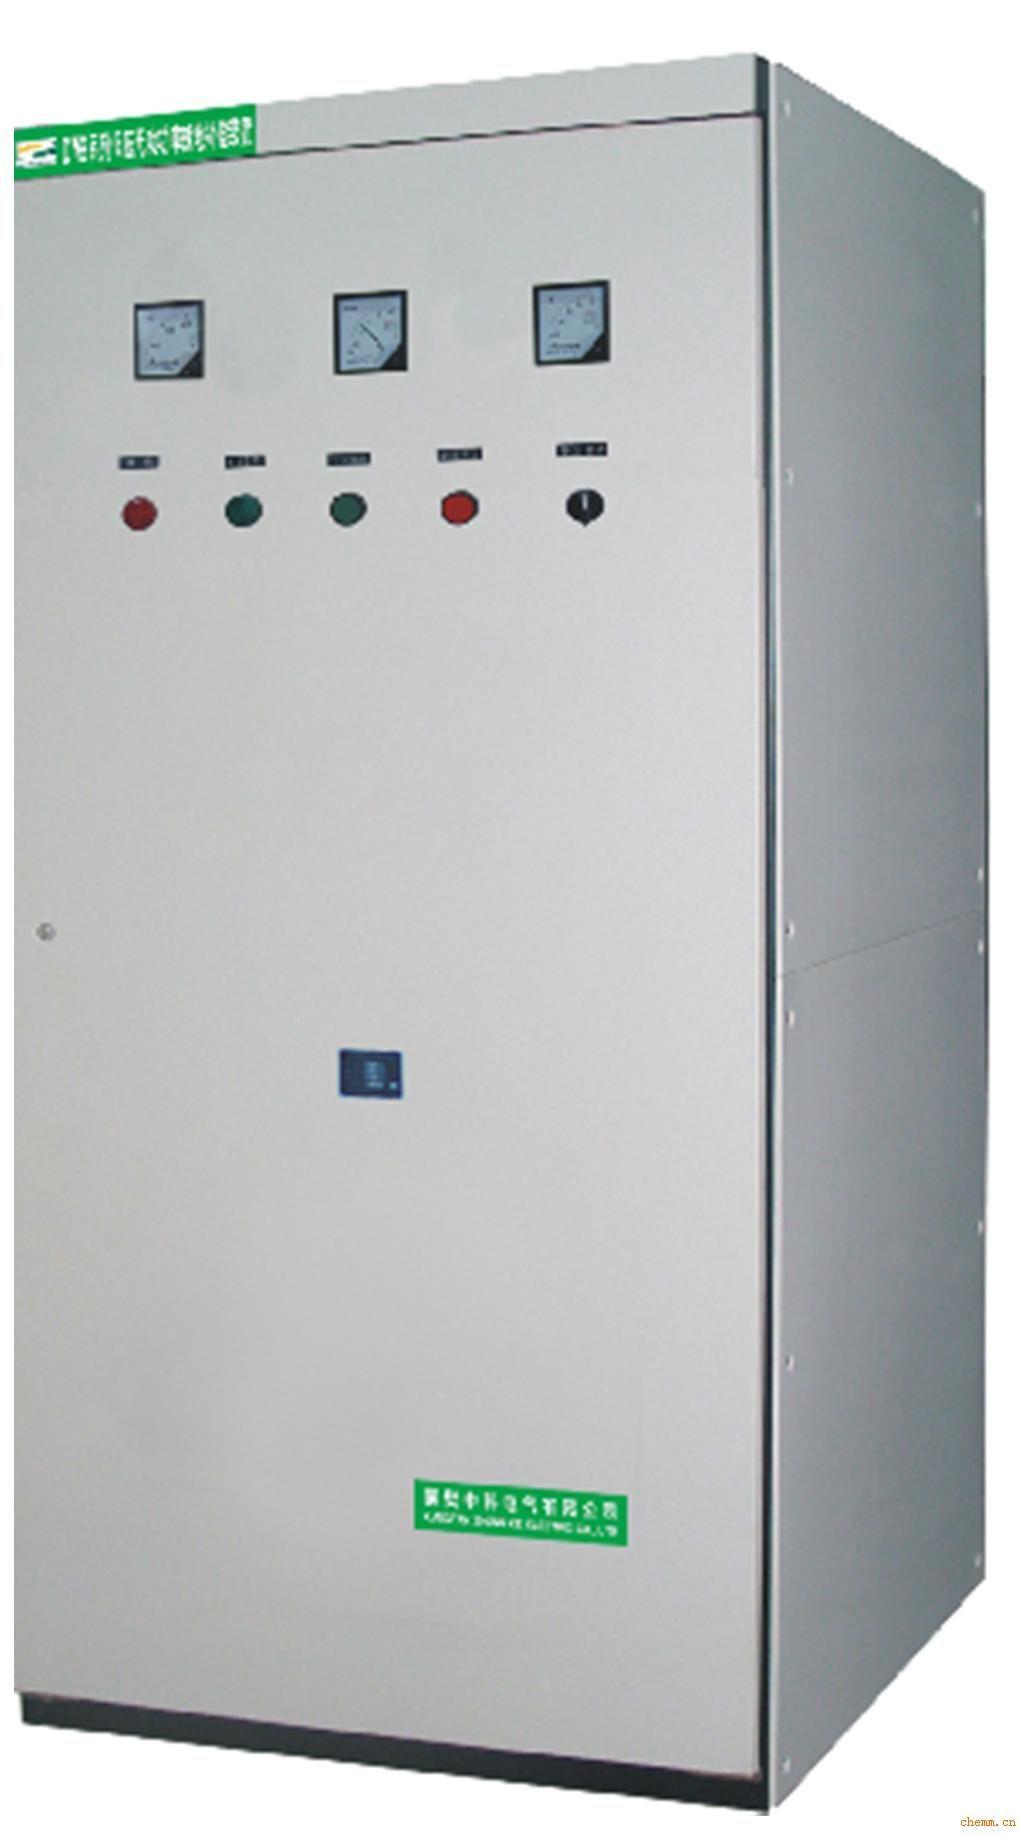 适用于三相交流380V,额定功率5.5 kW以上的绕线式或鼠笼式交流电动机的无功功率就地补偿,有效提高功率因数,降低线路损耗,节省能源,改善电网质量。 性能特点 采用自愈式并联电容器,可靠性高、寿命长、运行温升低; 功率因数可提高到0.95左右,降低无功损耗,运行节电率10左右%; 改善电网质量,提高变压器负载率和电器设备的效率; 具有短路保护功能,出现内部故障时自动切断电源,确保设备安全运行; 具有自放电特性,装置脱离电网后,残留电压在3分钟内降至50V以下; 与主机并联运行,同步投切,无操作部件,使用